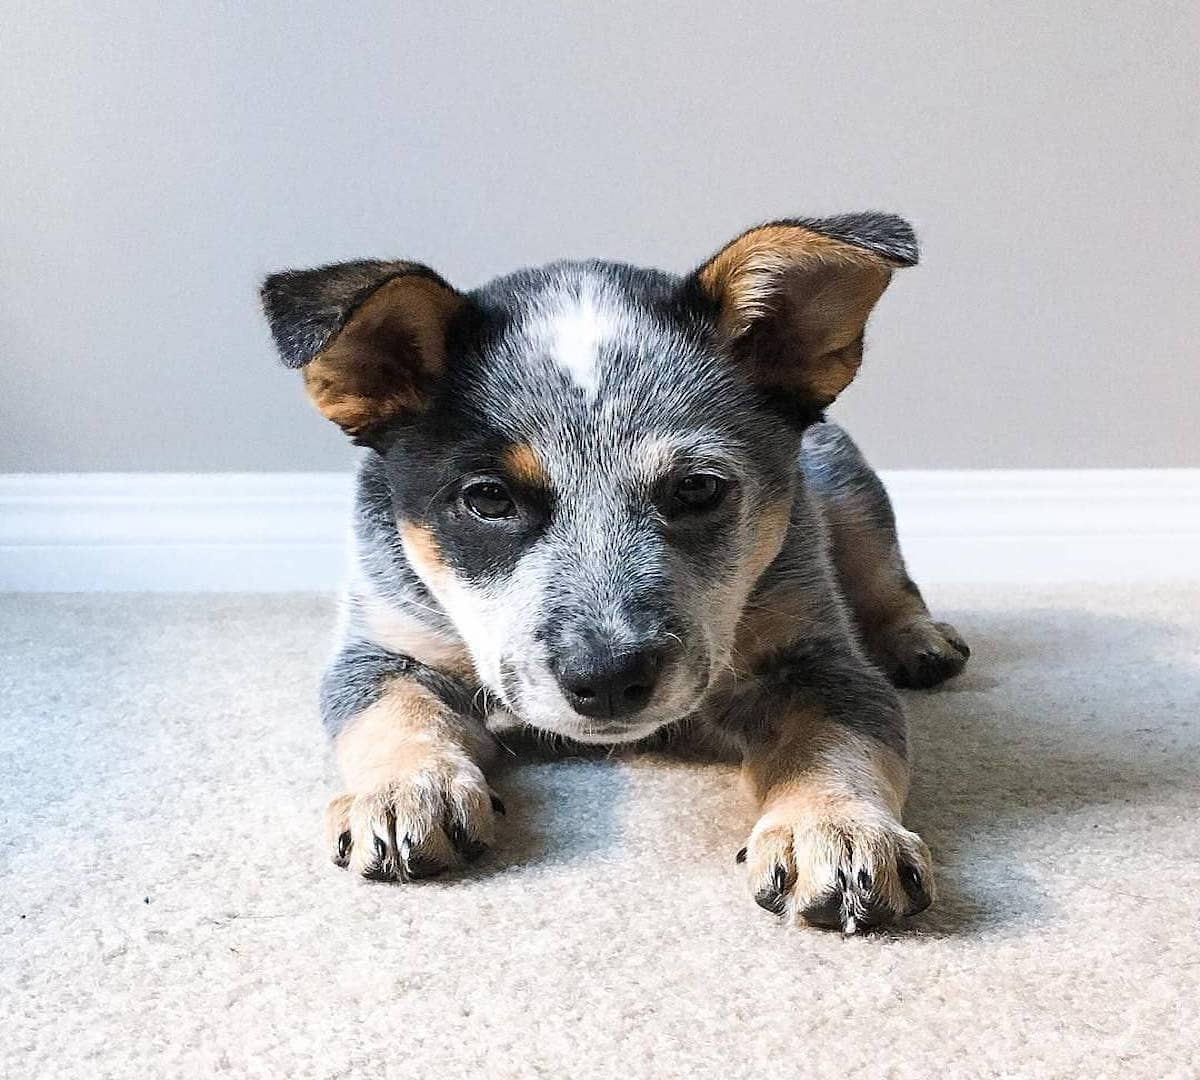 piccolo cagnolino rilassato